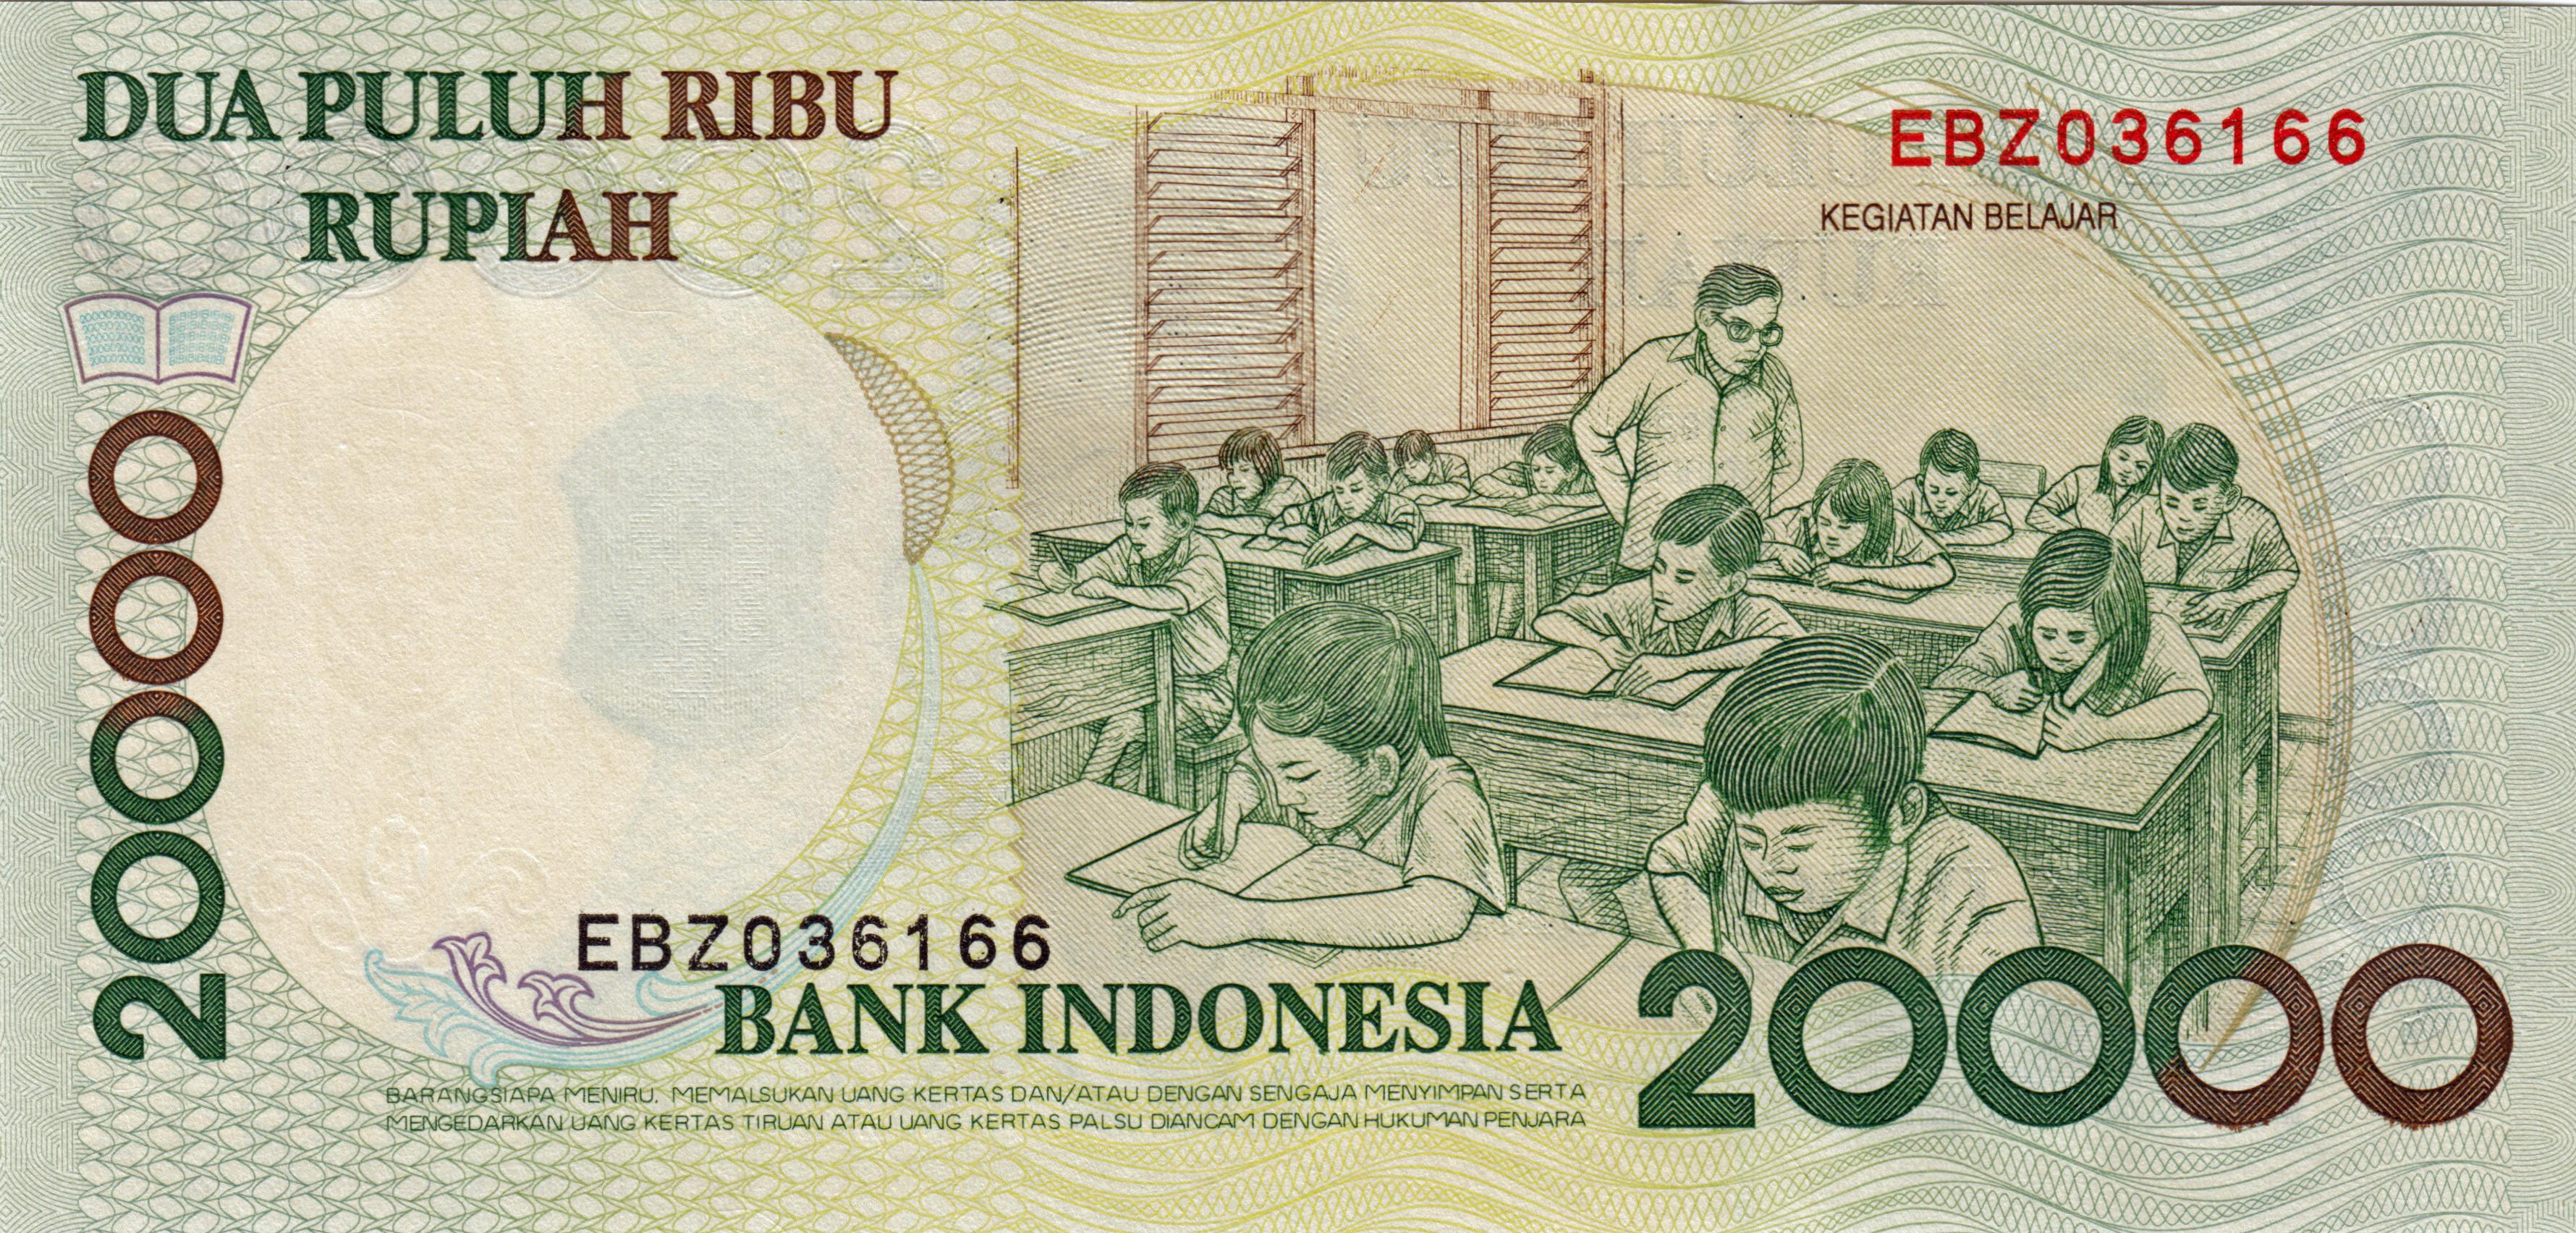 pasang togel 100 rupiah